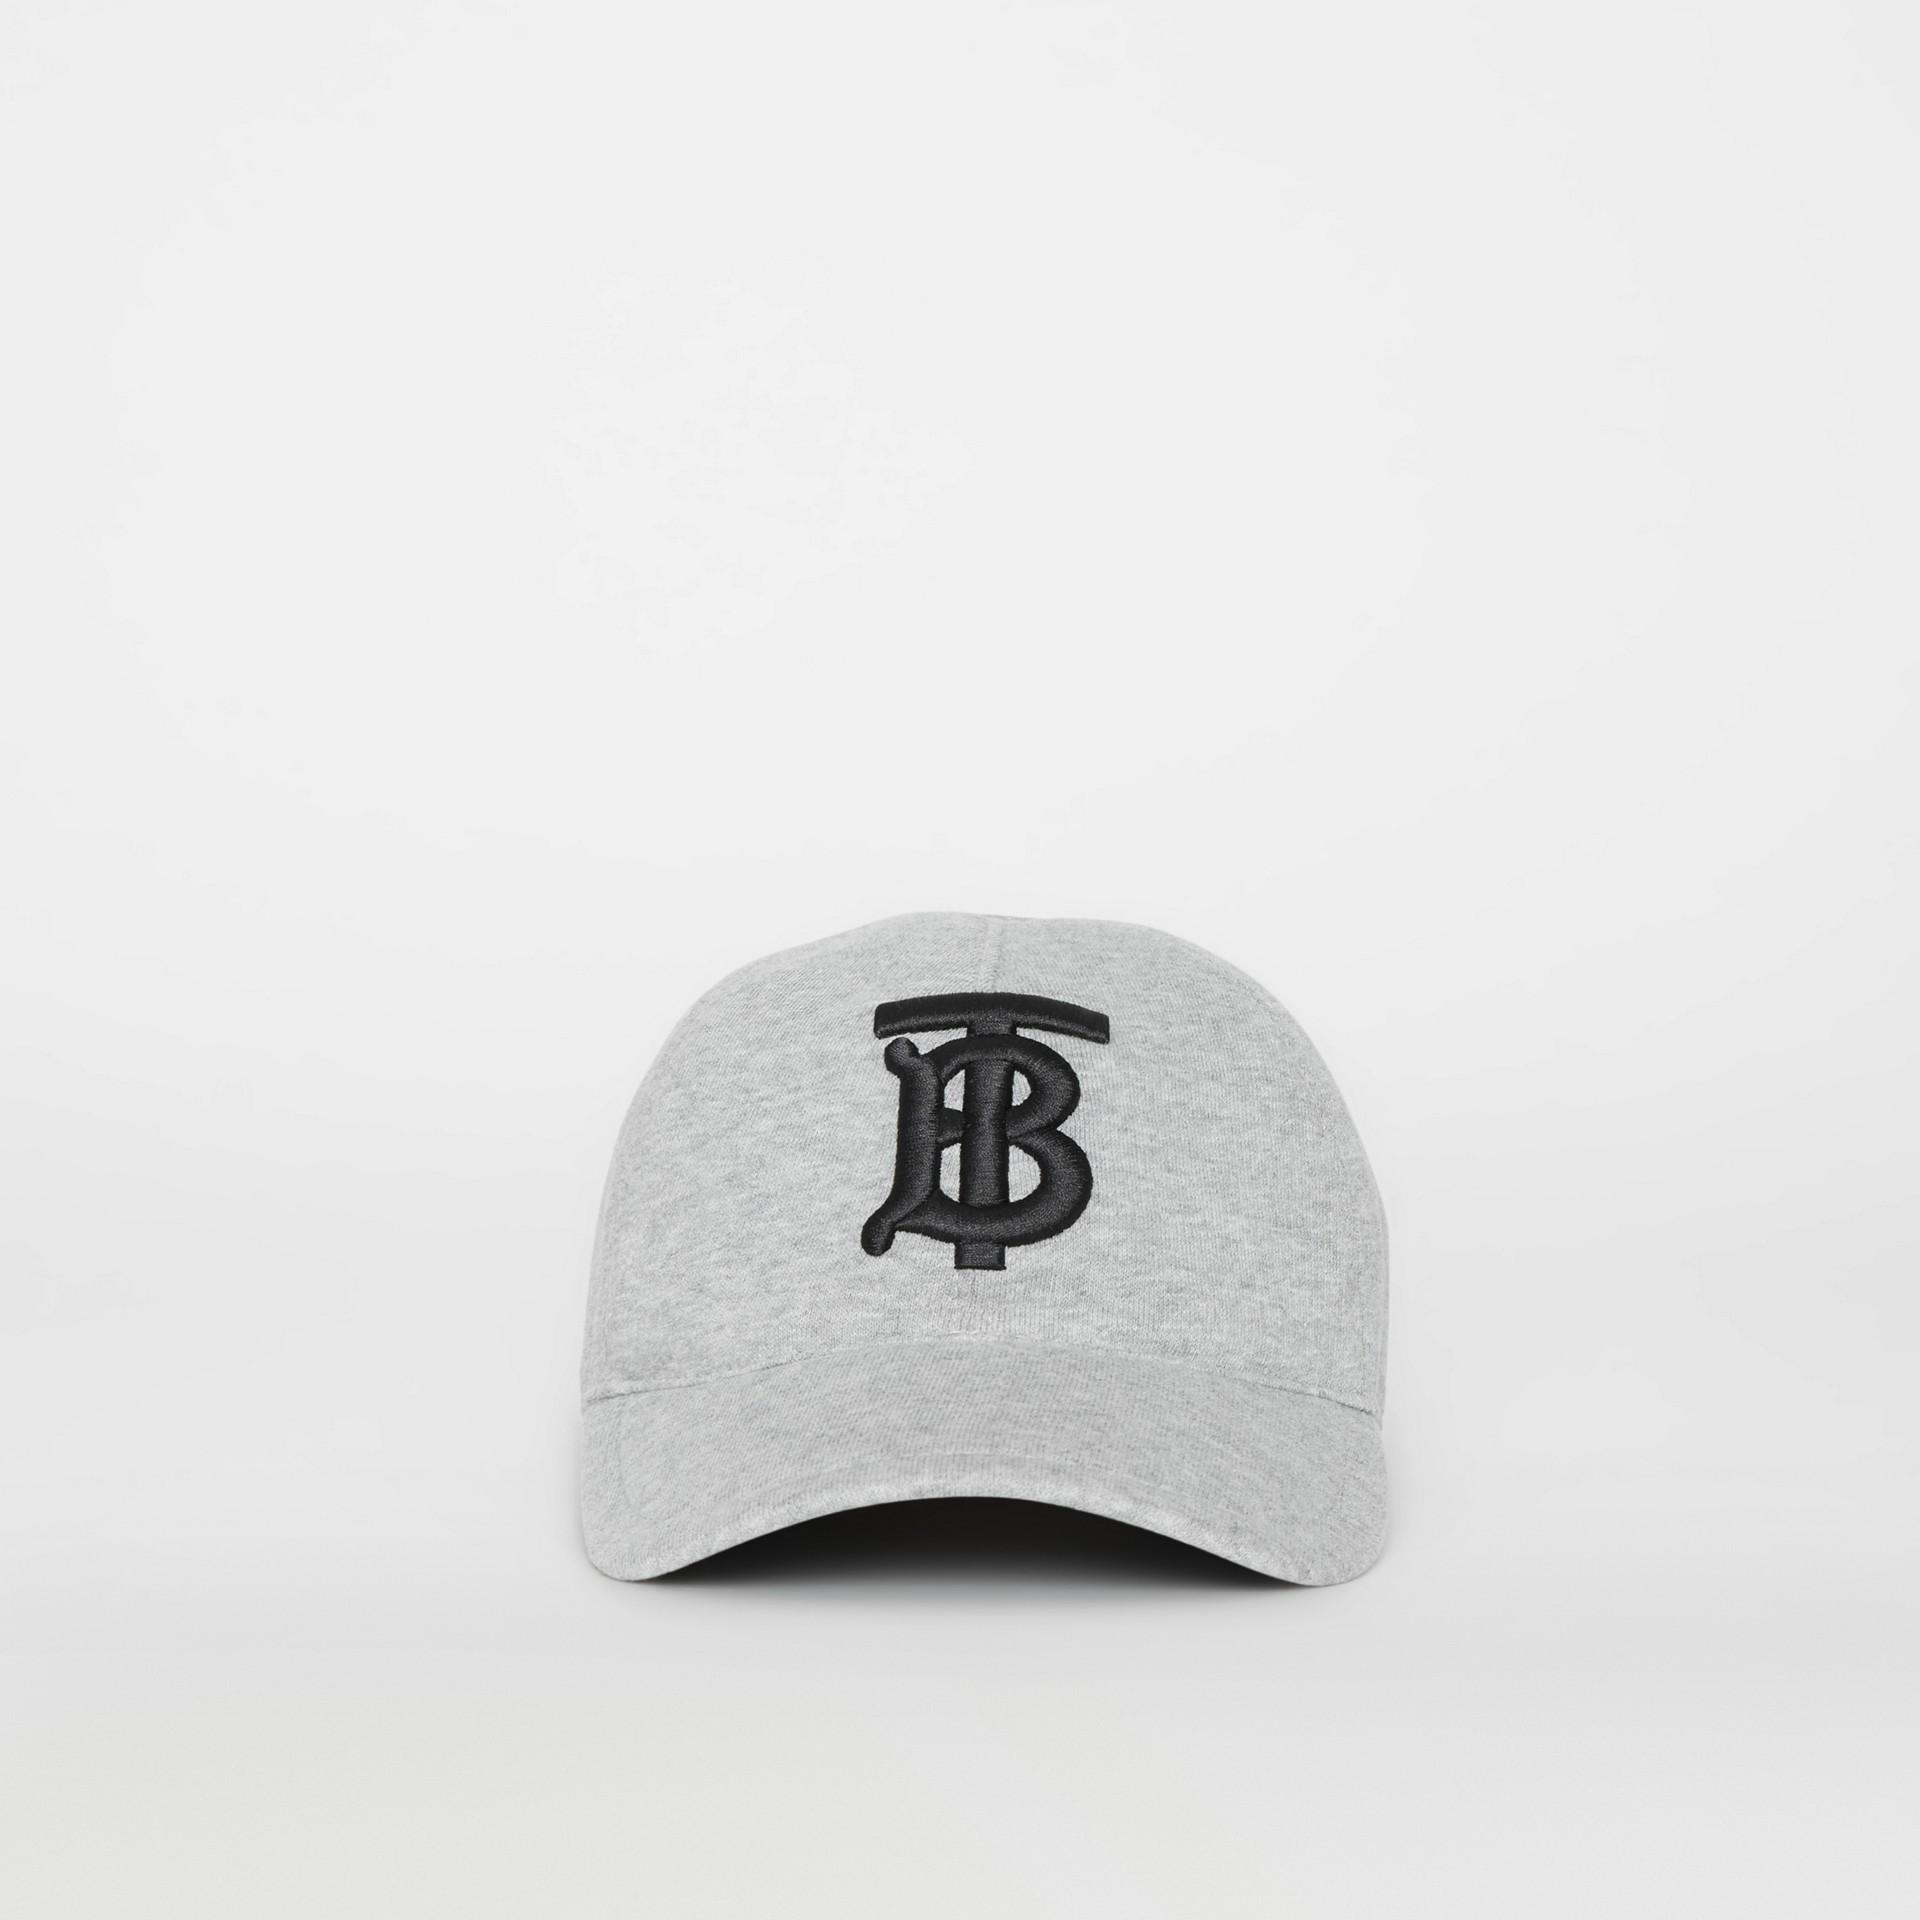 Бейсболка с монограммой Burberry (Светло-серый Меланж) | Burberry - изображение 4